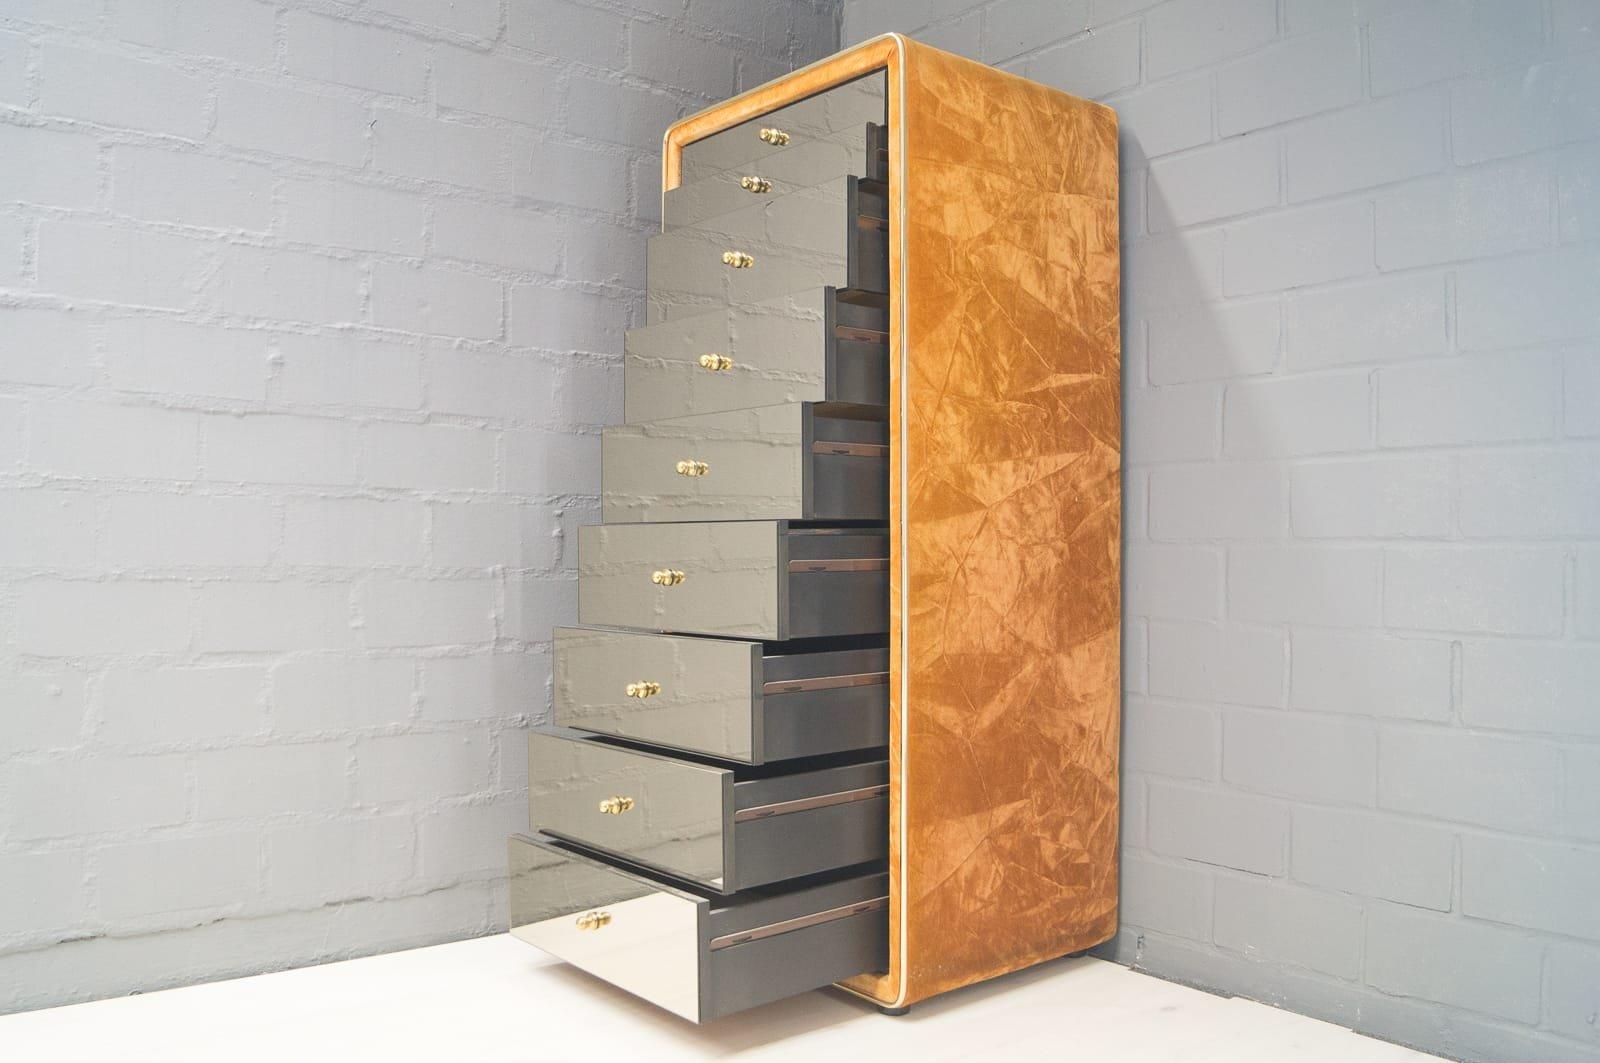 verspiegelte kommode mit acht schubladen von ruf international 1960er bei pamono kaufen. Black Bedroom Furniture Sets. Home Design Ideas